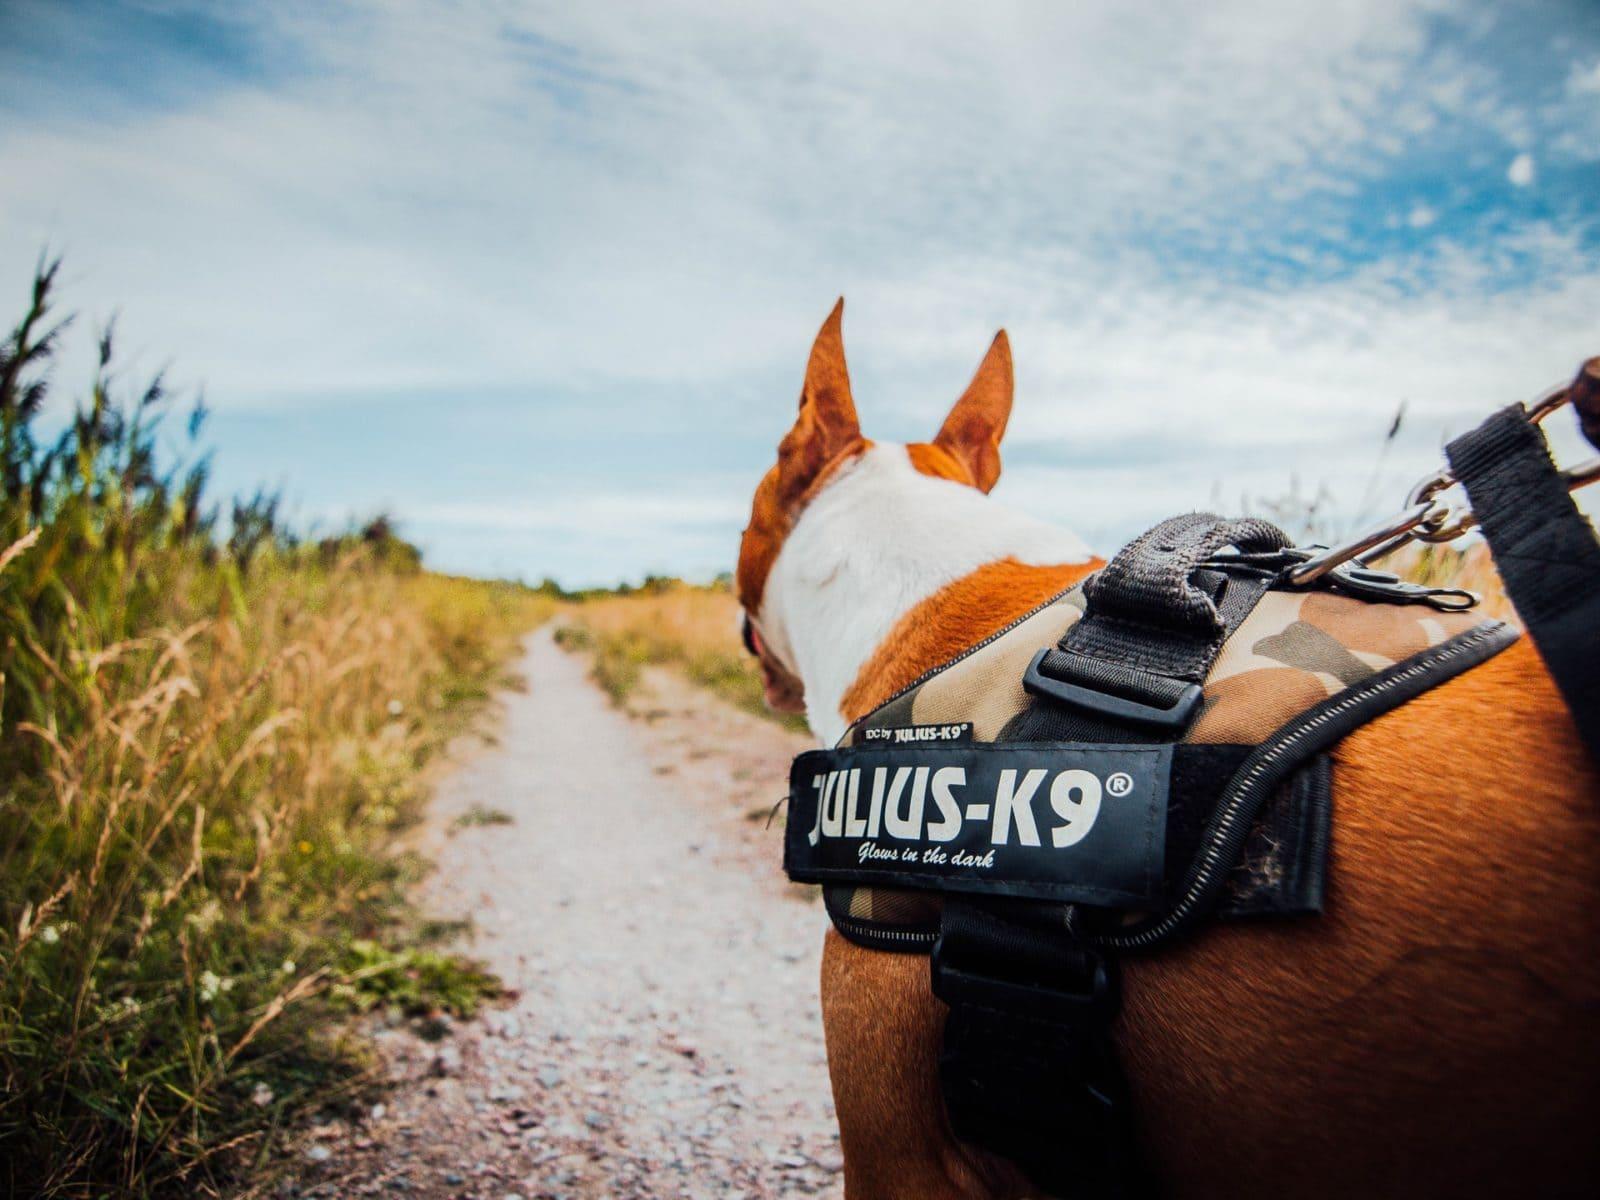 Hond met tuig aan op het platteland, achterzijde